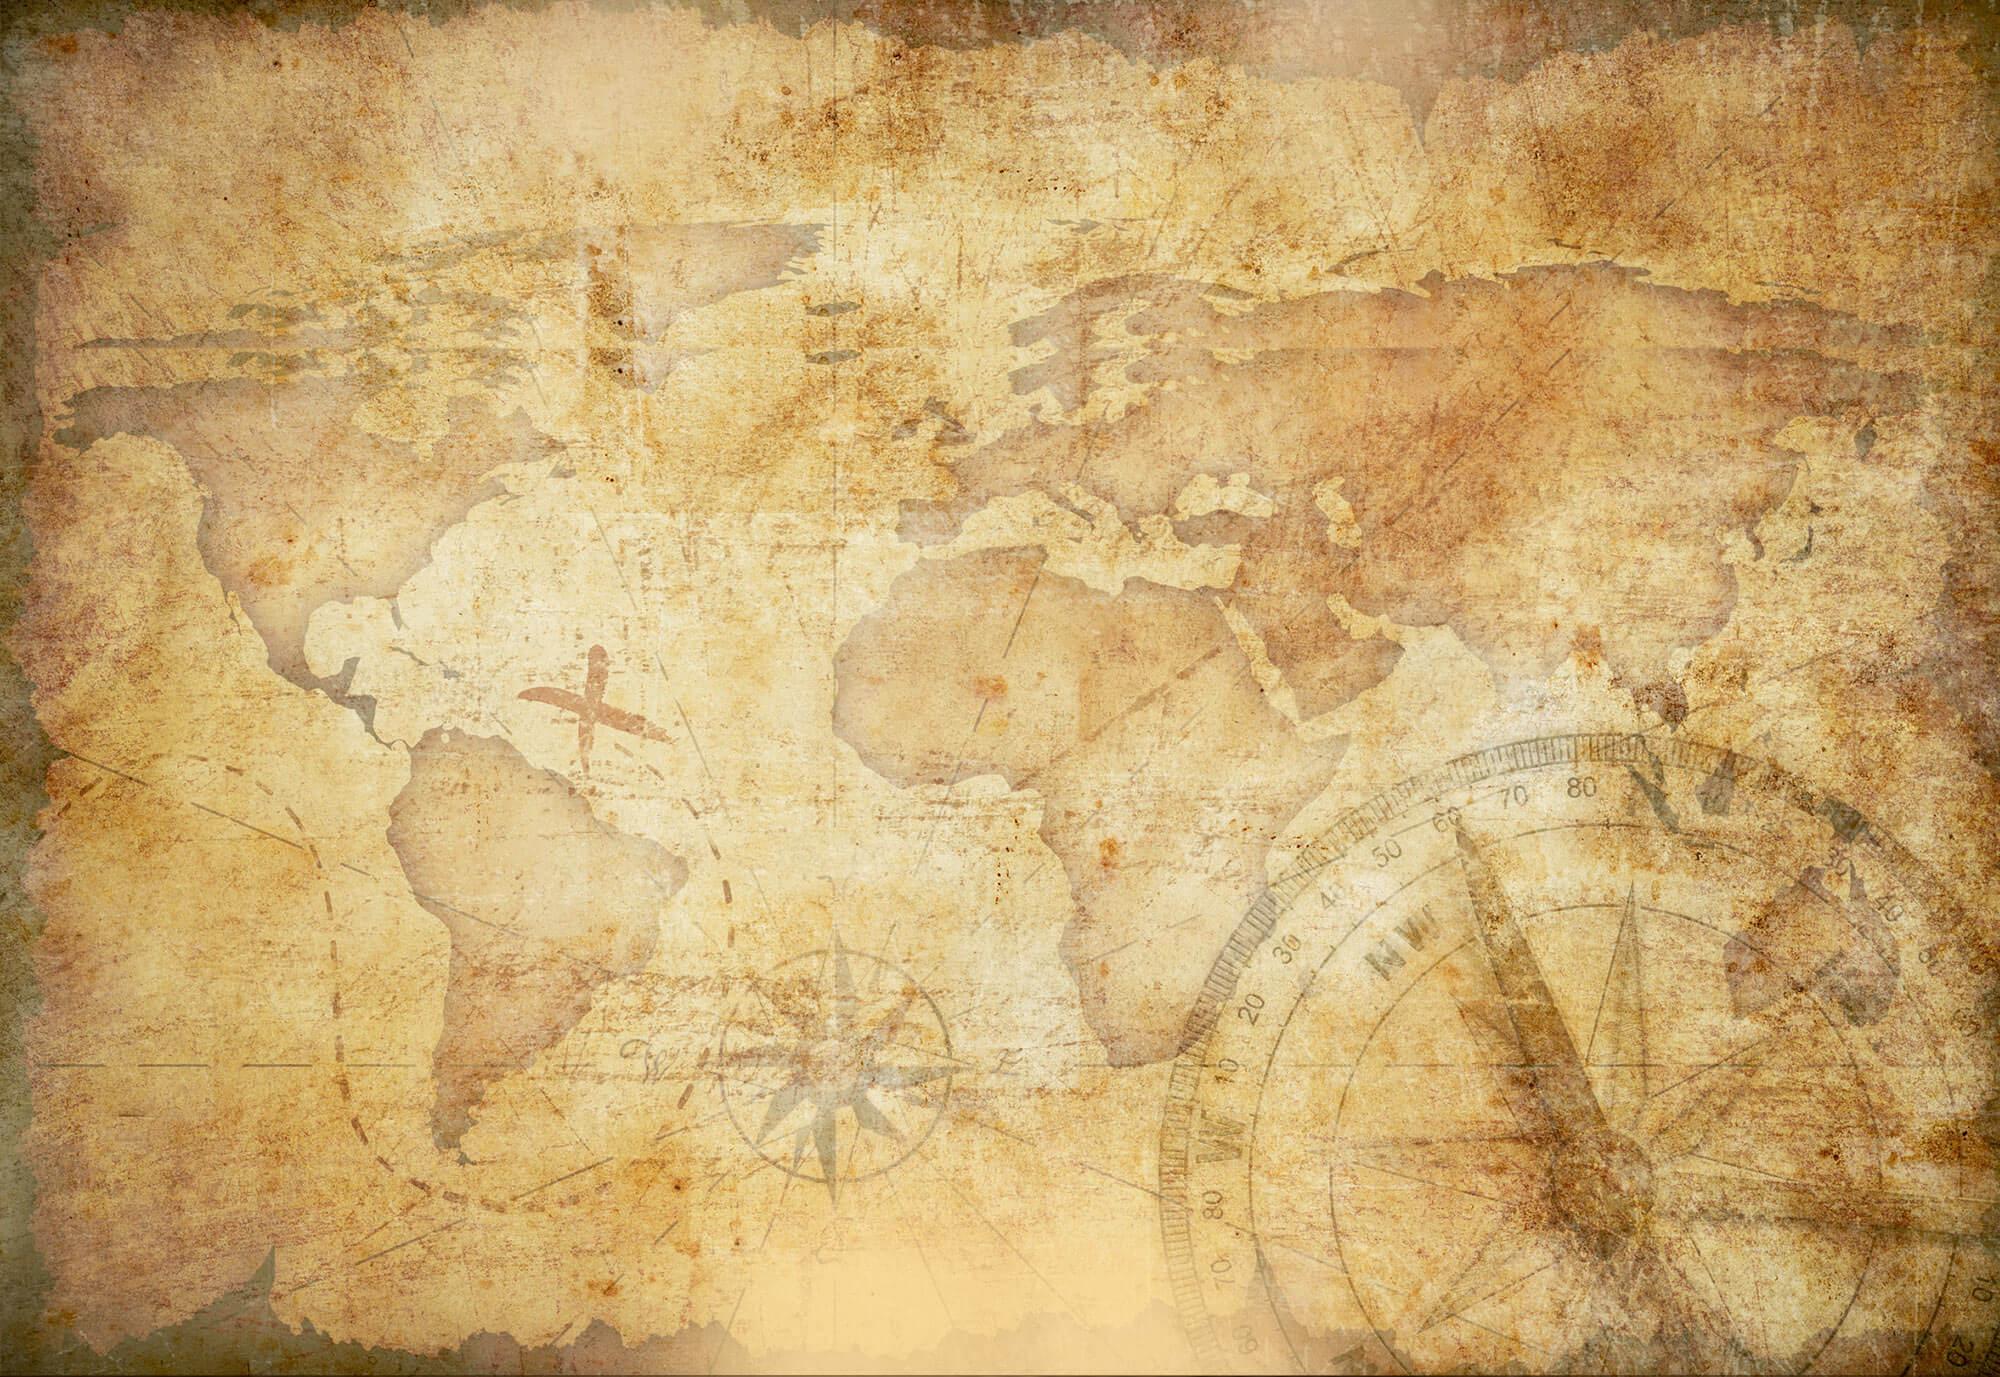 Hình nền powerpoint lịch sử bản đồ cũ